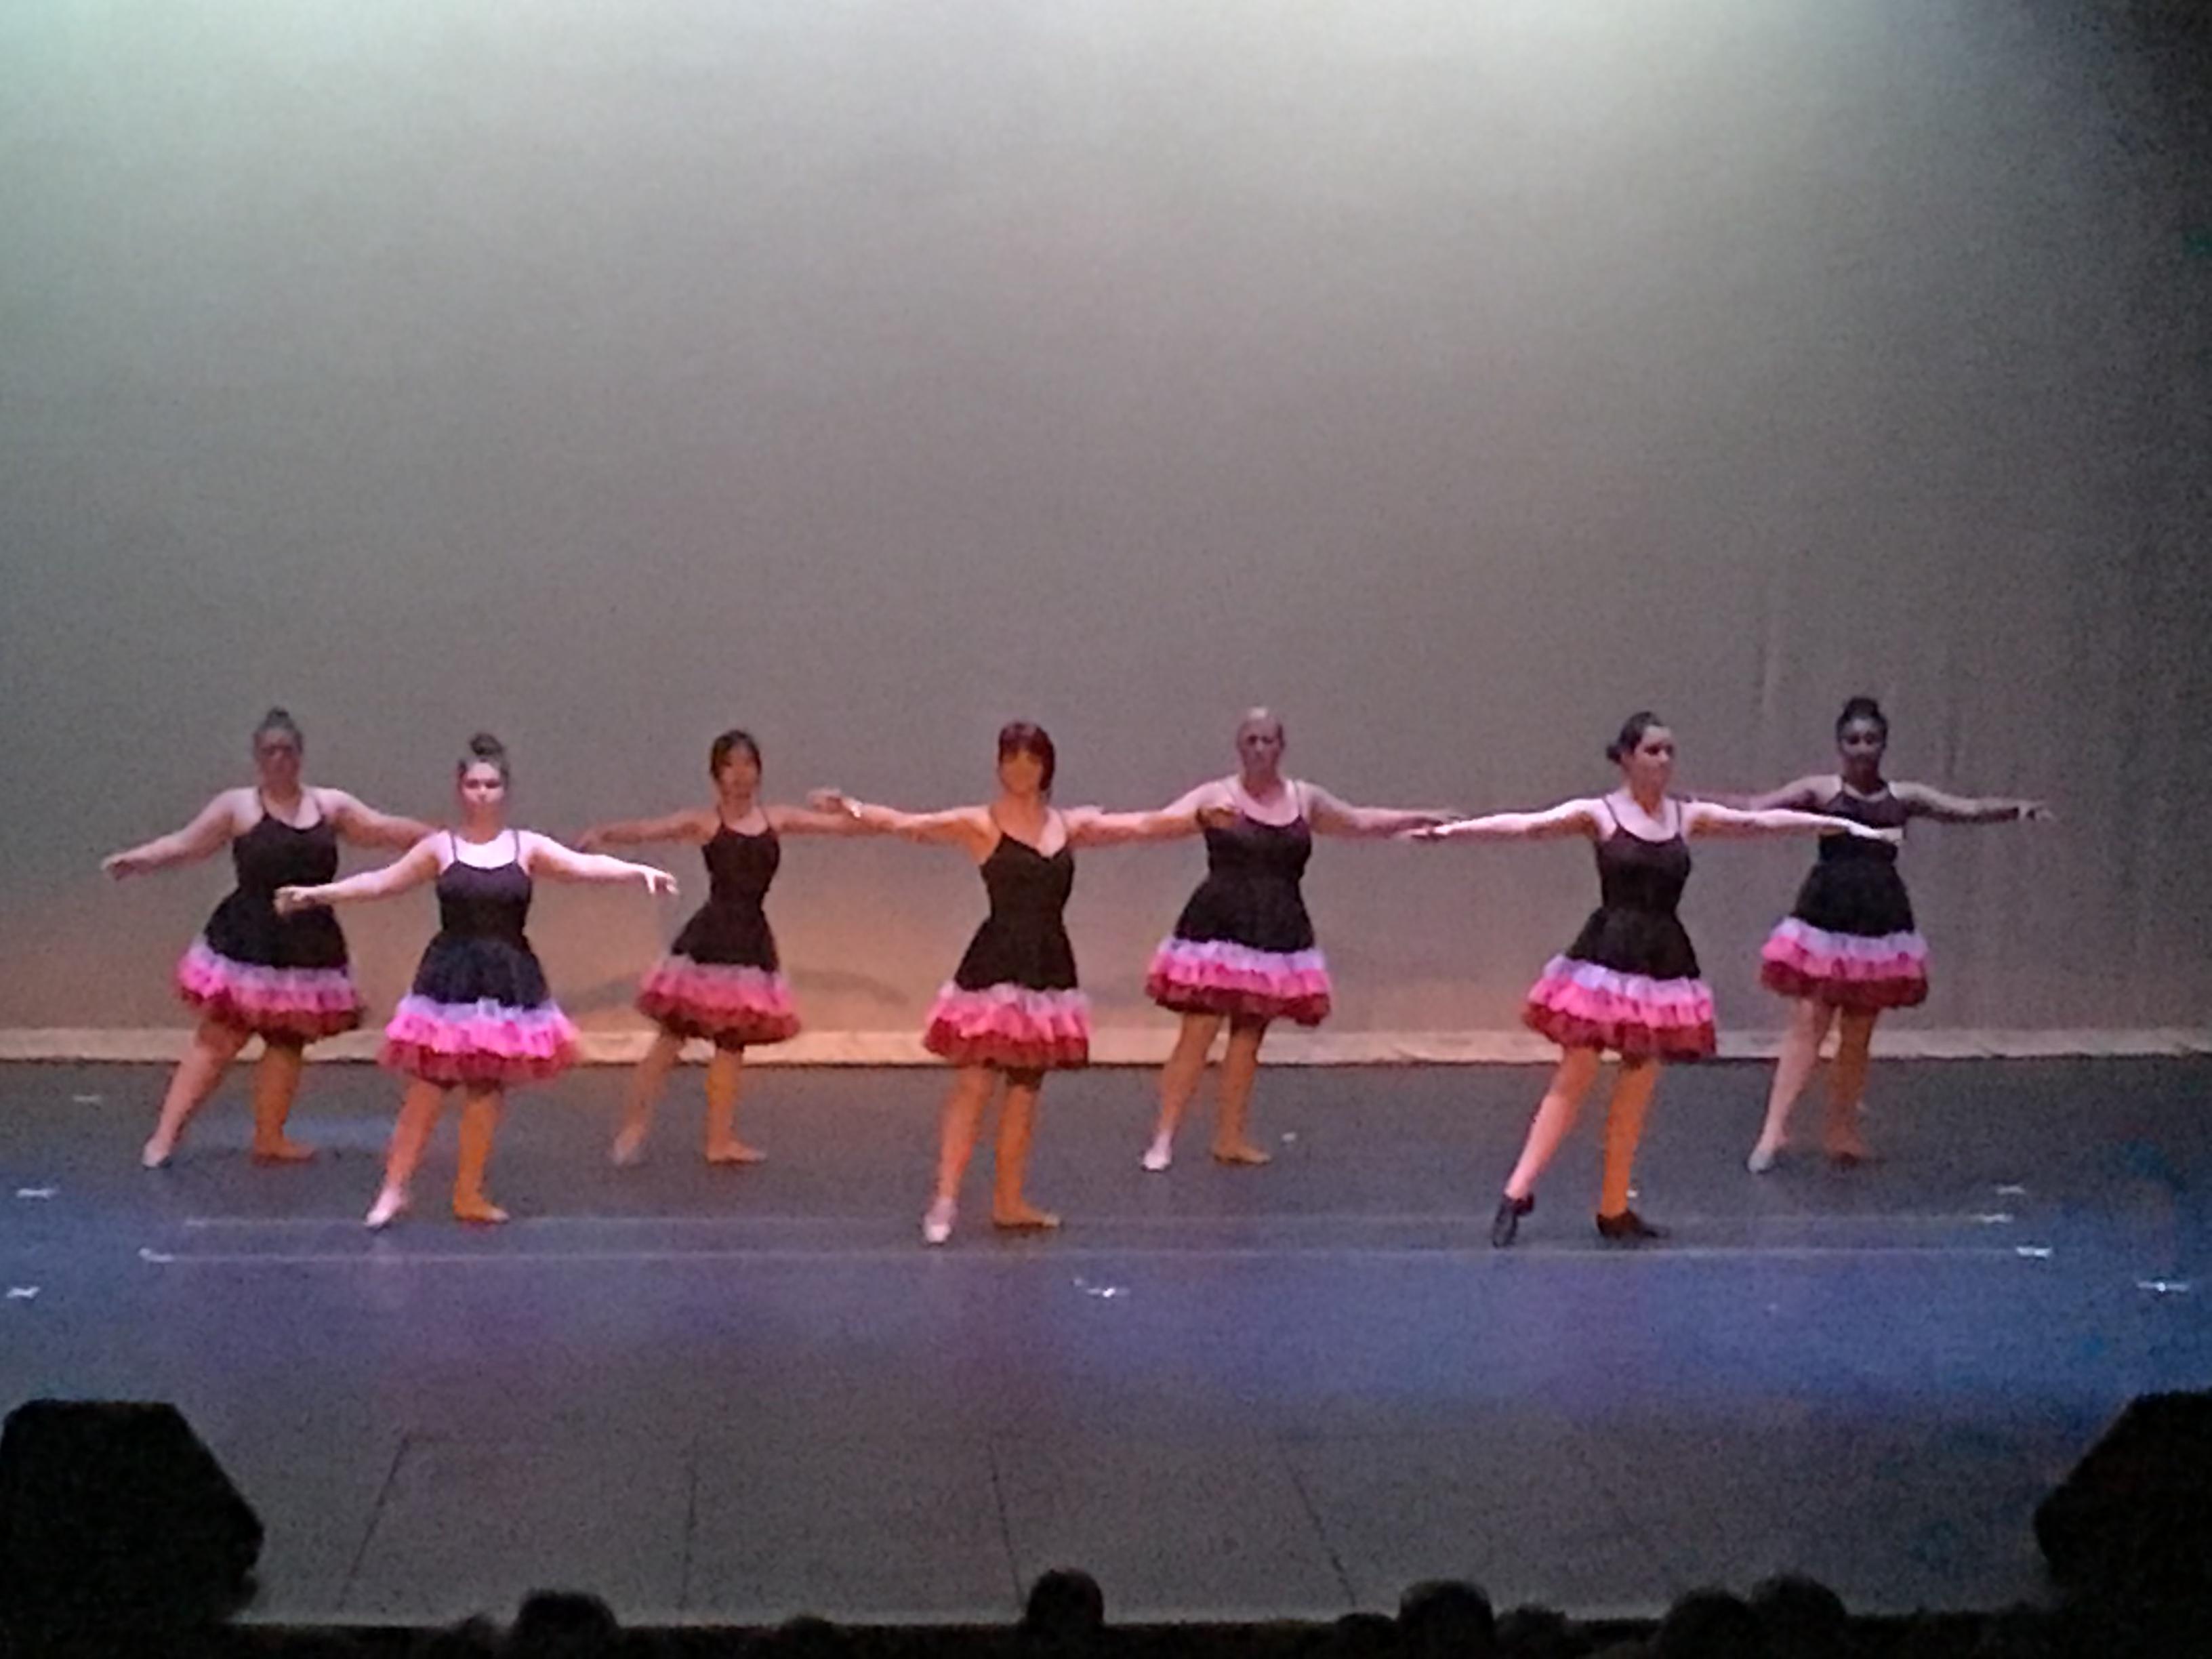 annapolis-dance-academy-1560737564.jpeg